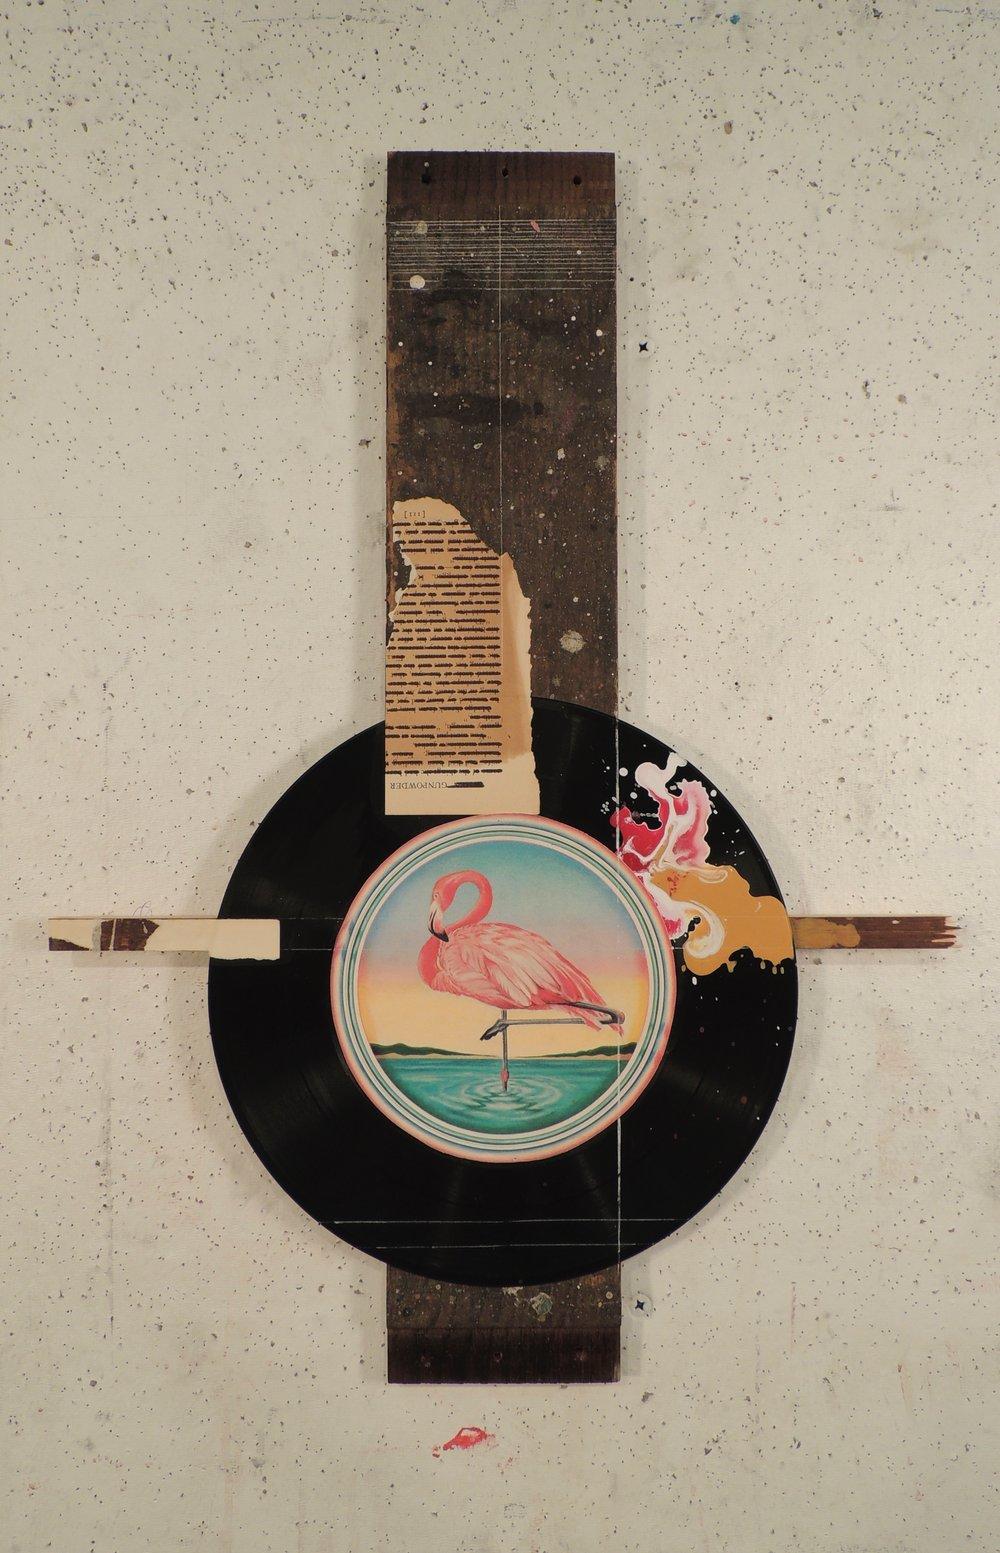 Gunpowder & Flamingo